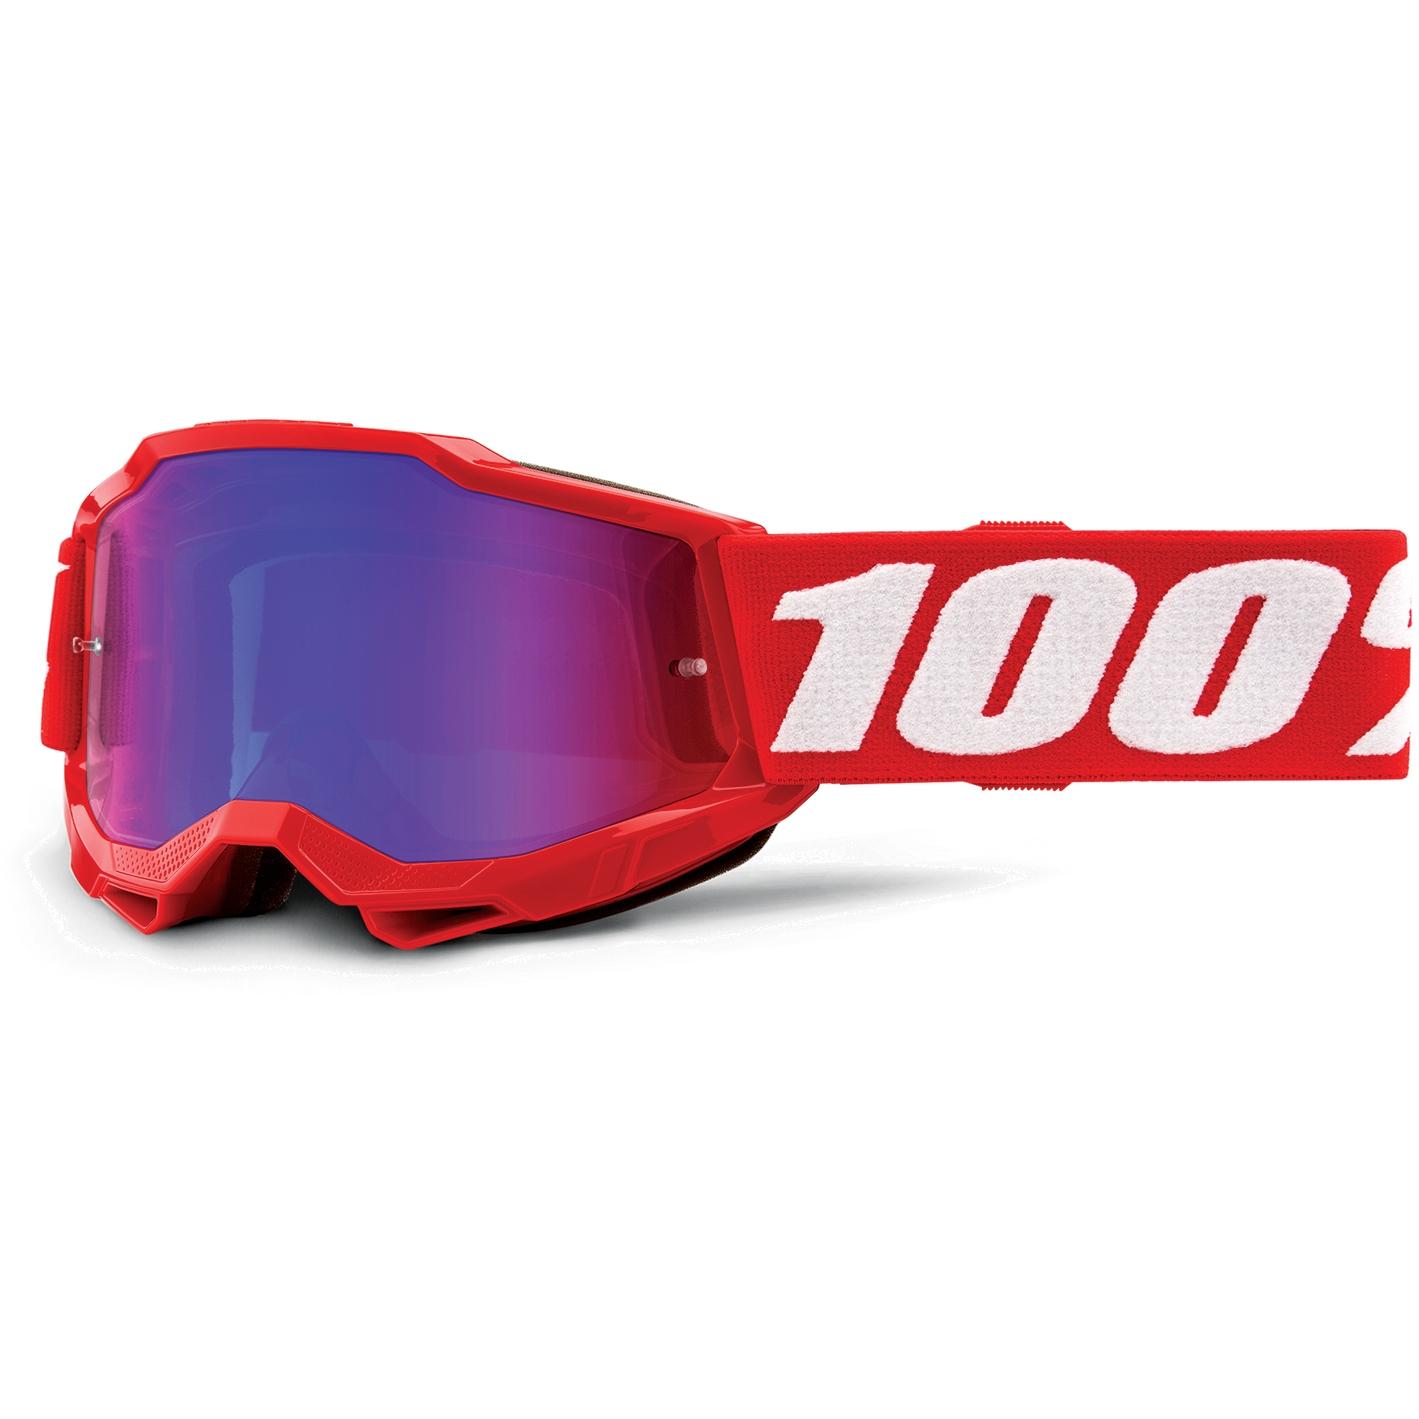 100% Accuri 2 Goggle Mirror Lens Gafas para niños - Neon Red - Pink Mirror